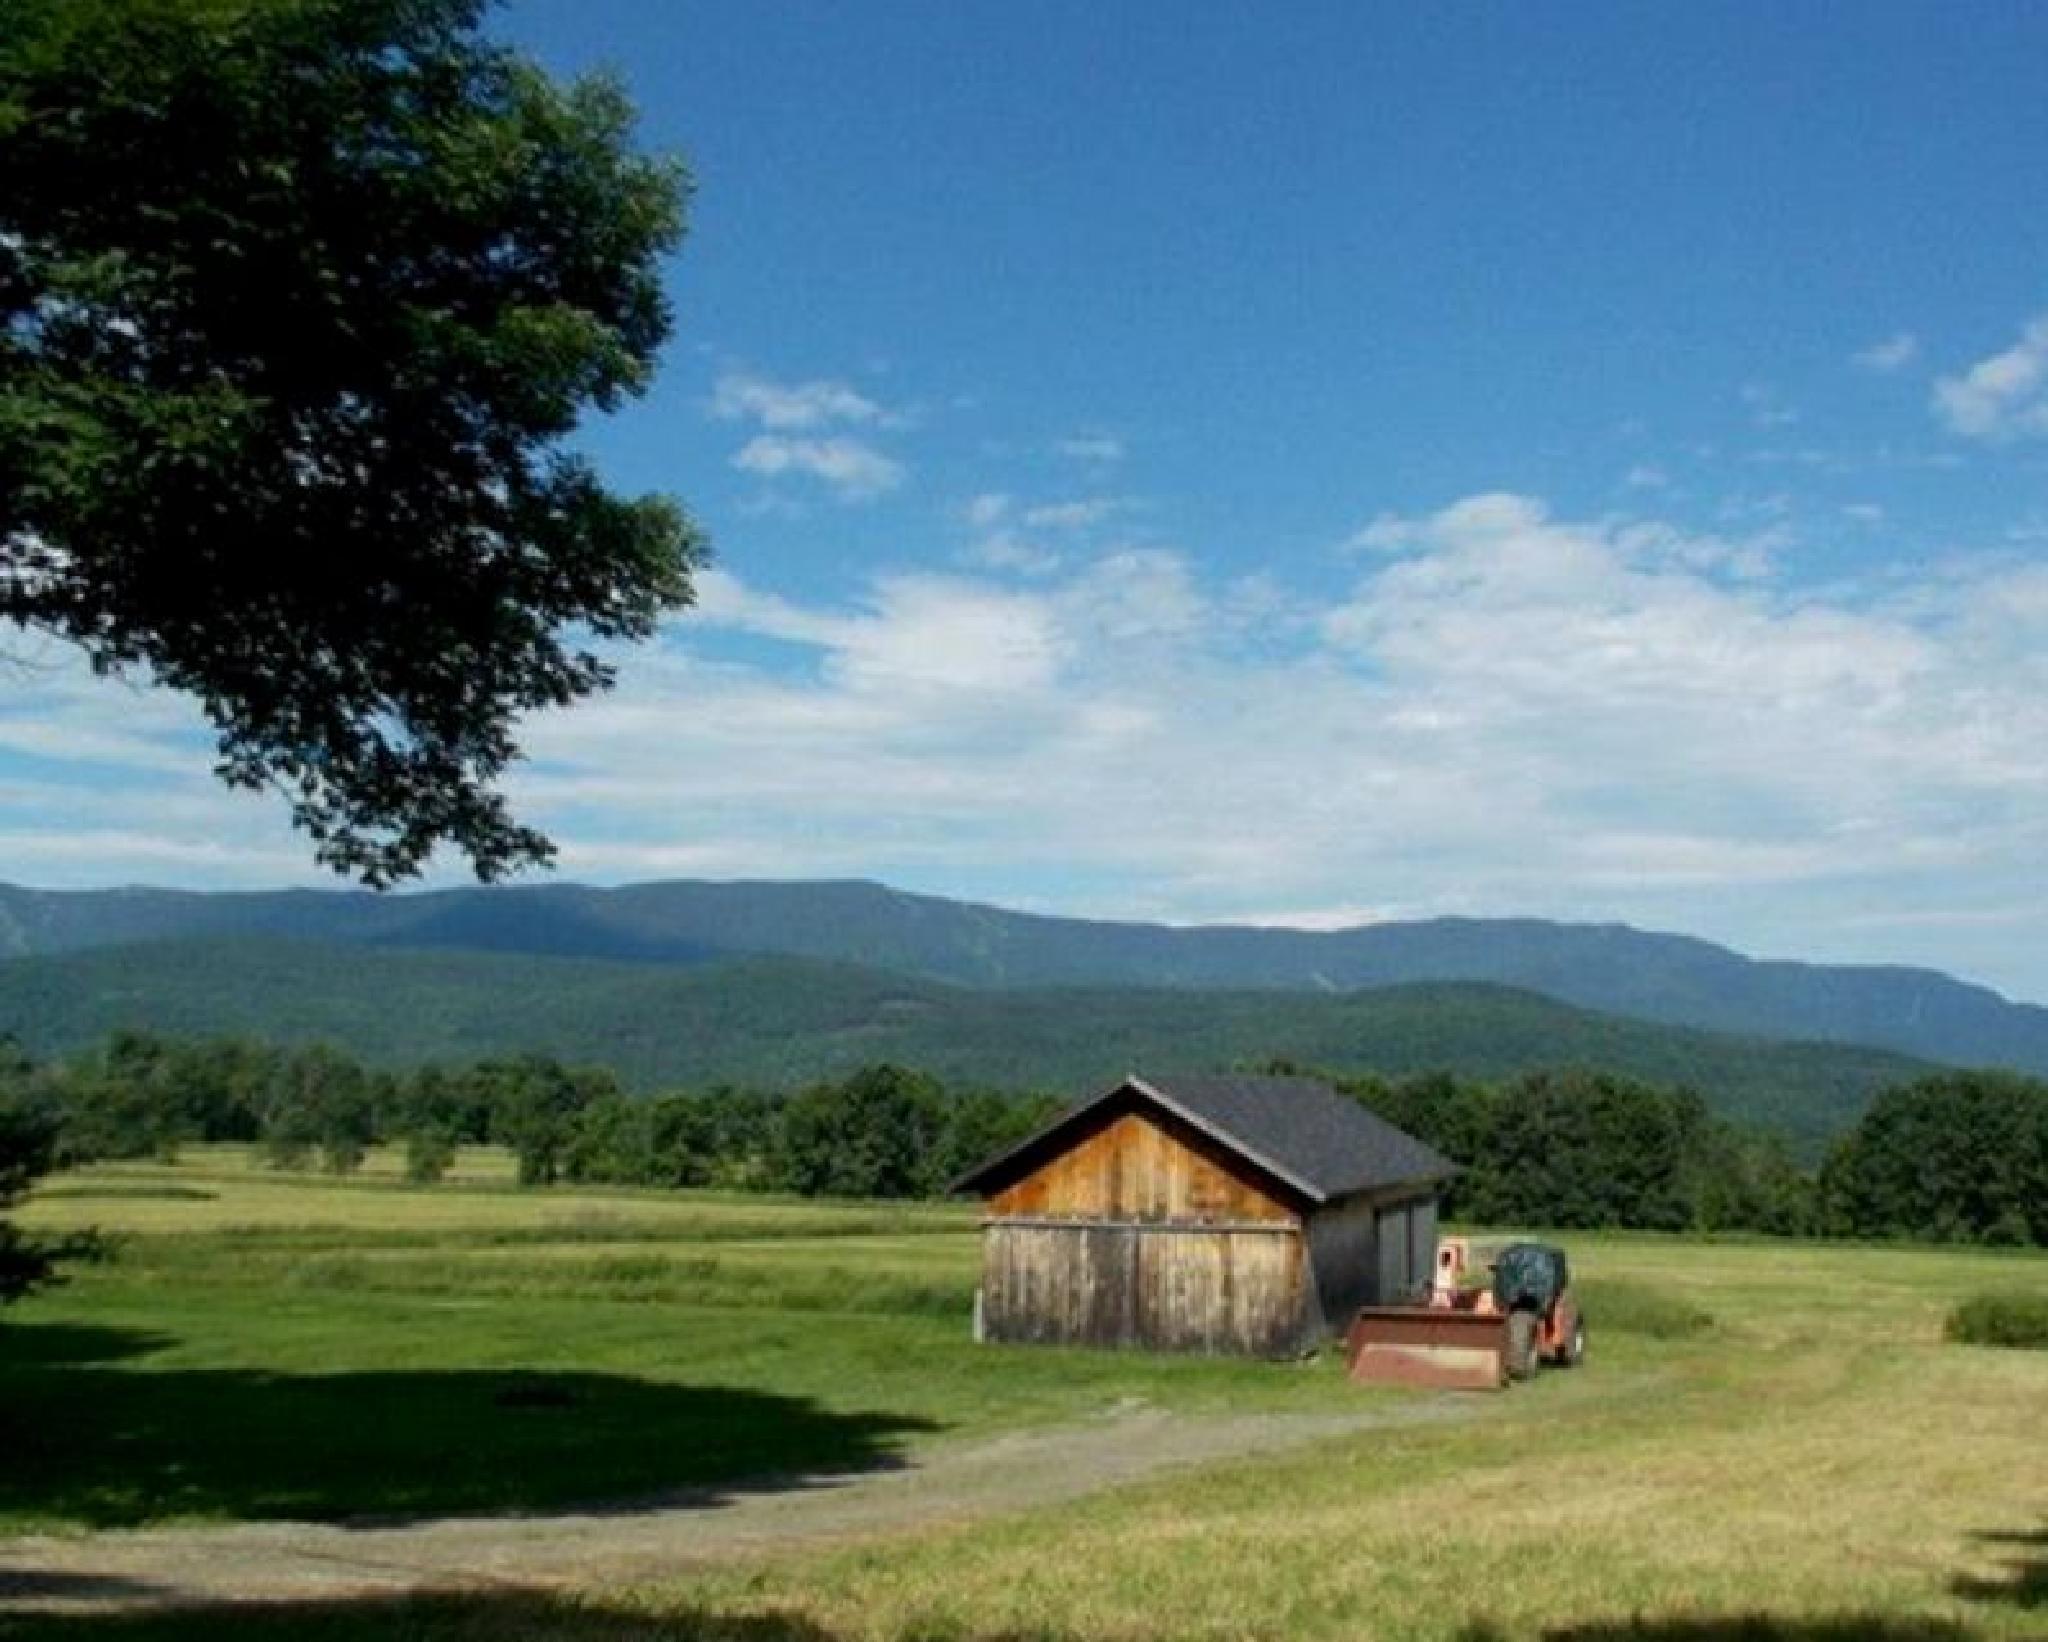 Vermont farm by tanzicakes